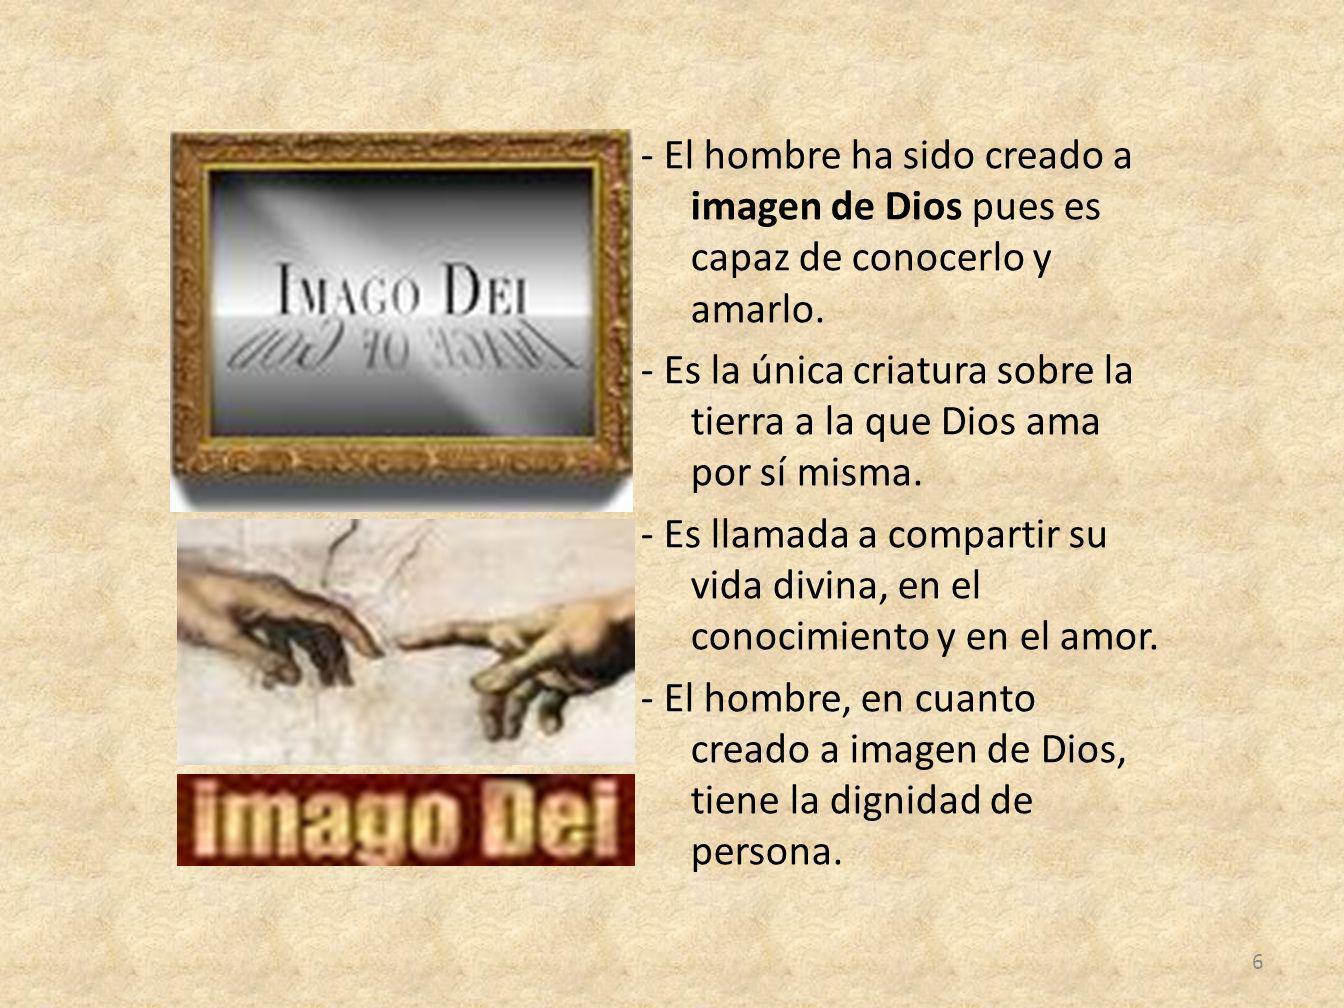 - El hombre ha sido creado a imagen de Dios pues es capaz de conocerlo y amarlo. - Es la única criatura sobre la tierra a la que Dios ama por sí misma